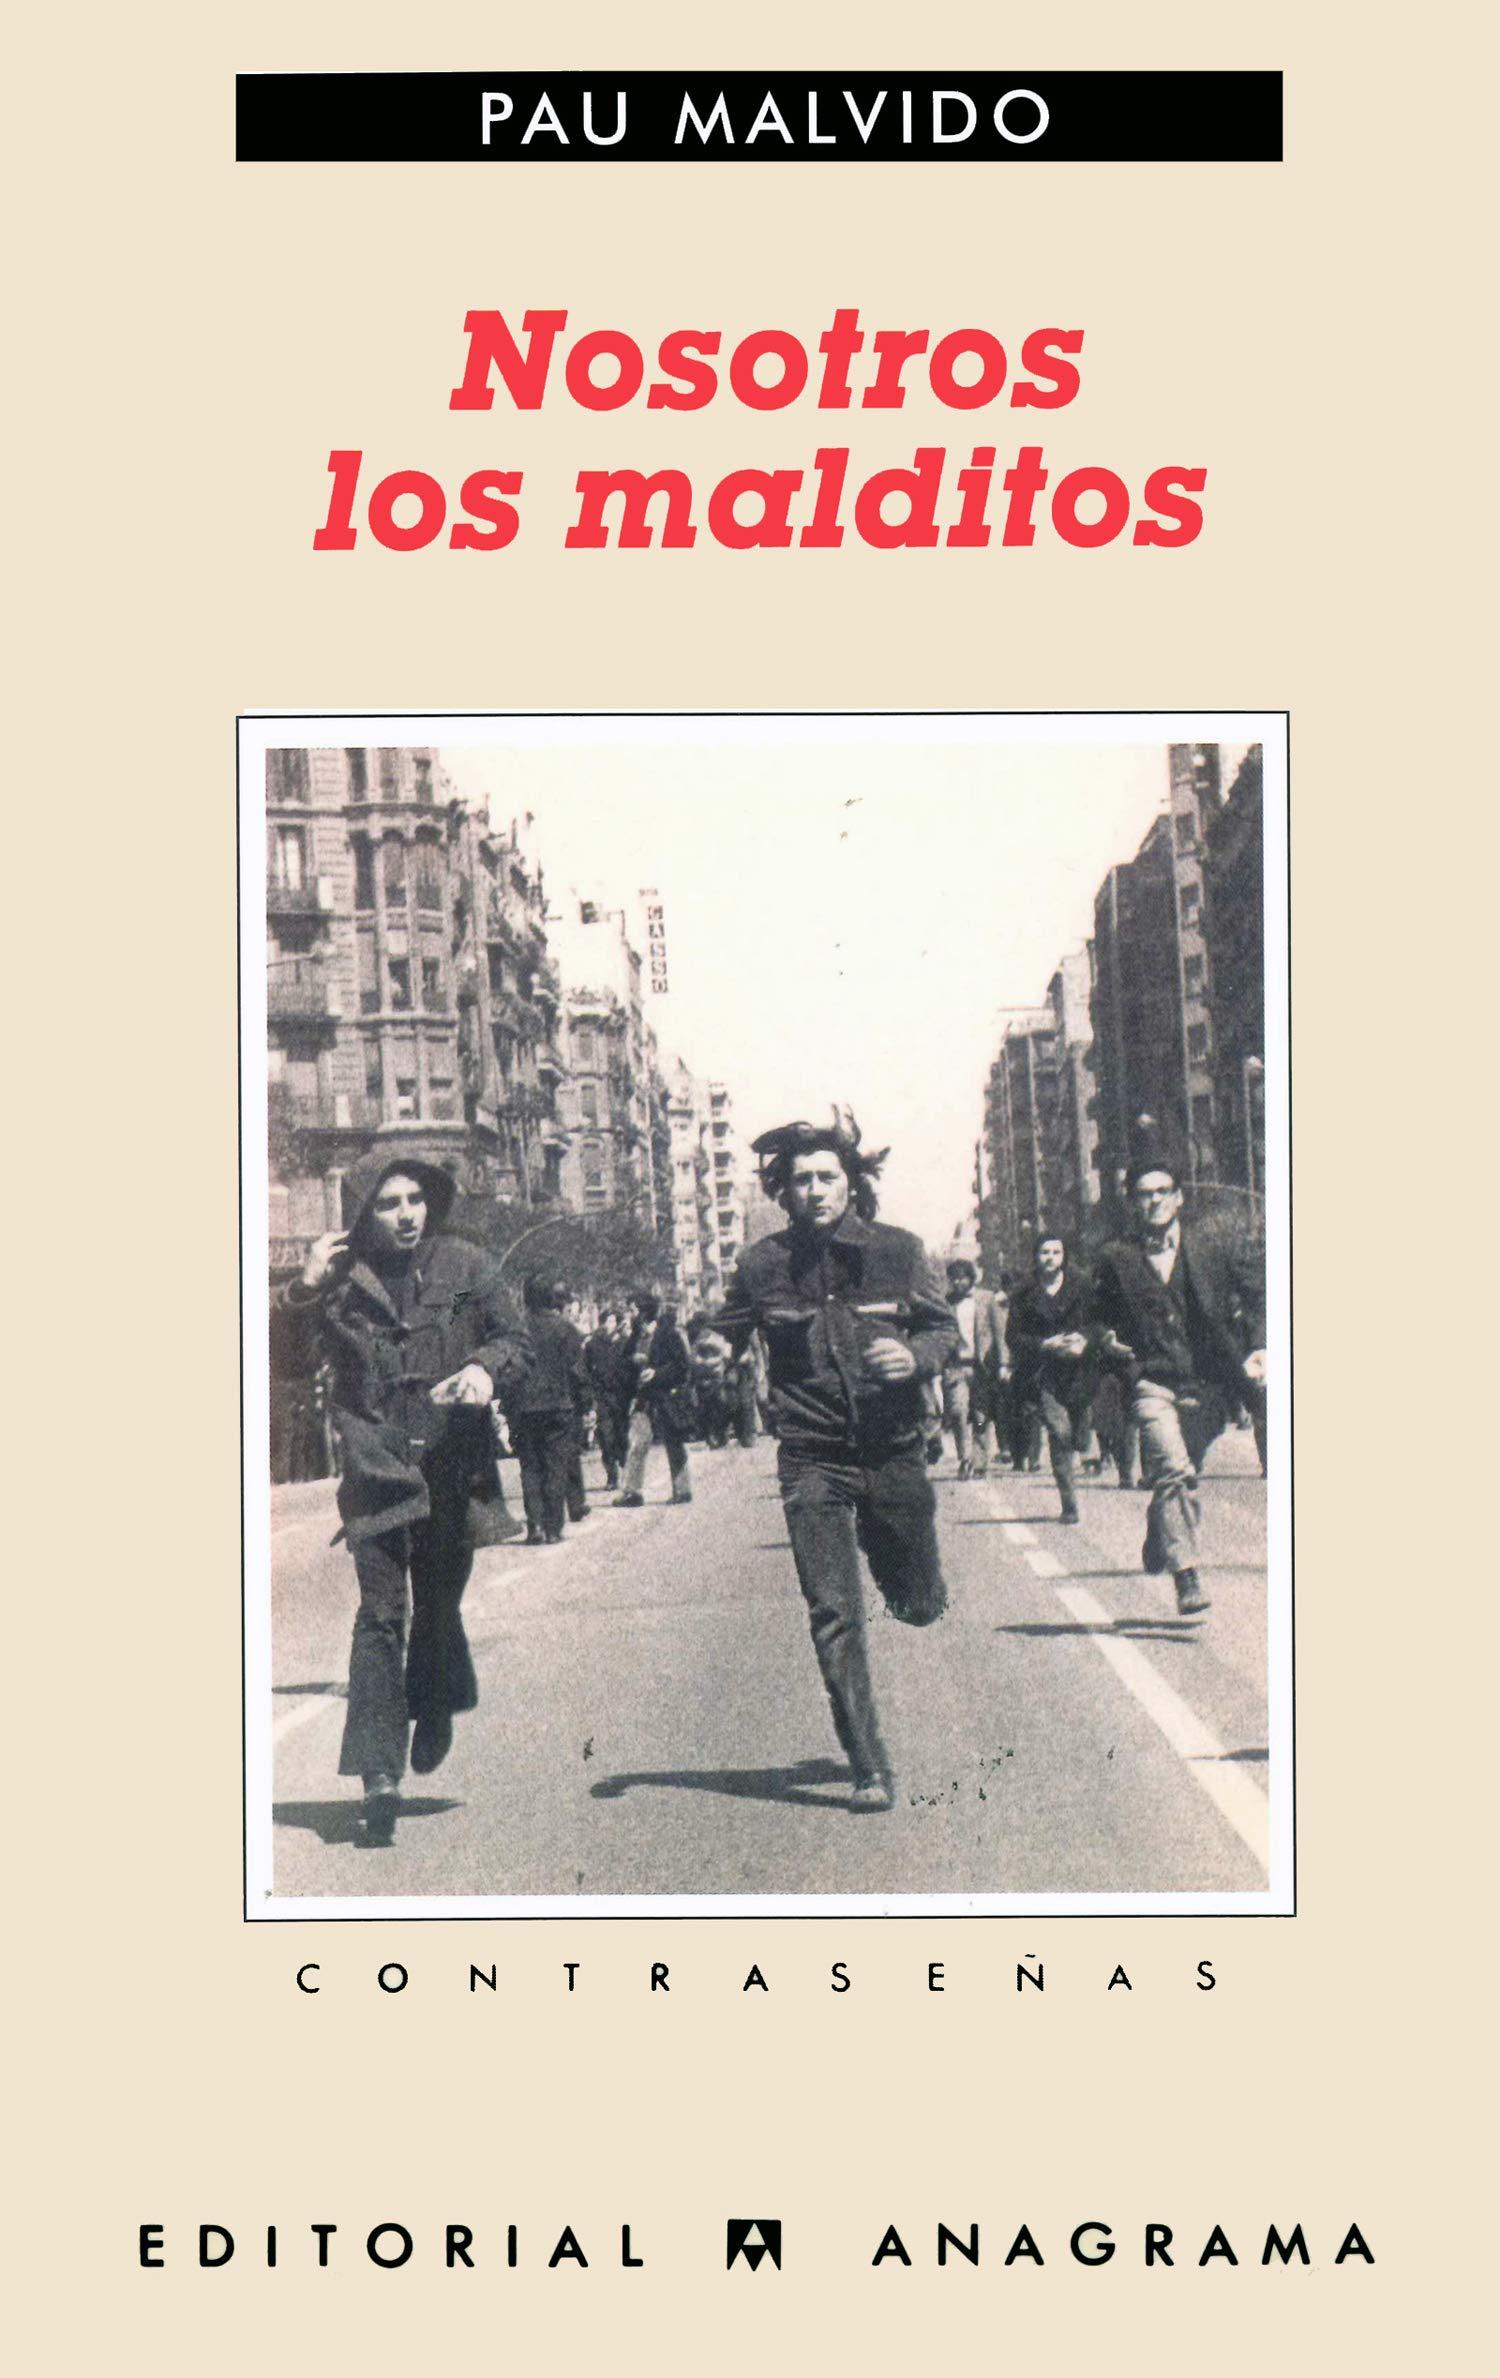 Nosotros los malditos (Contraseñas): Amazon.es: Malvido, Pau: Libros